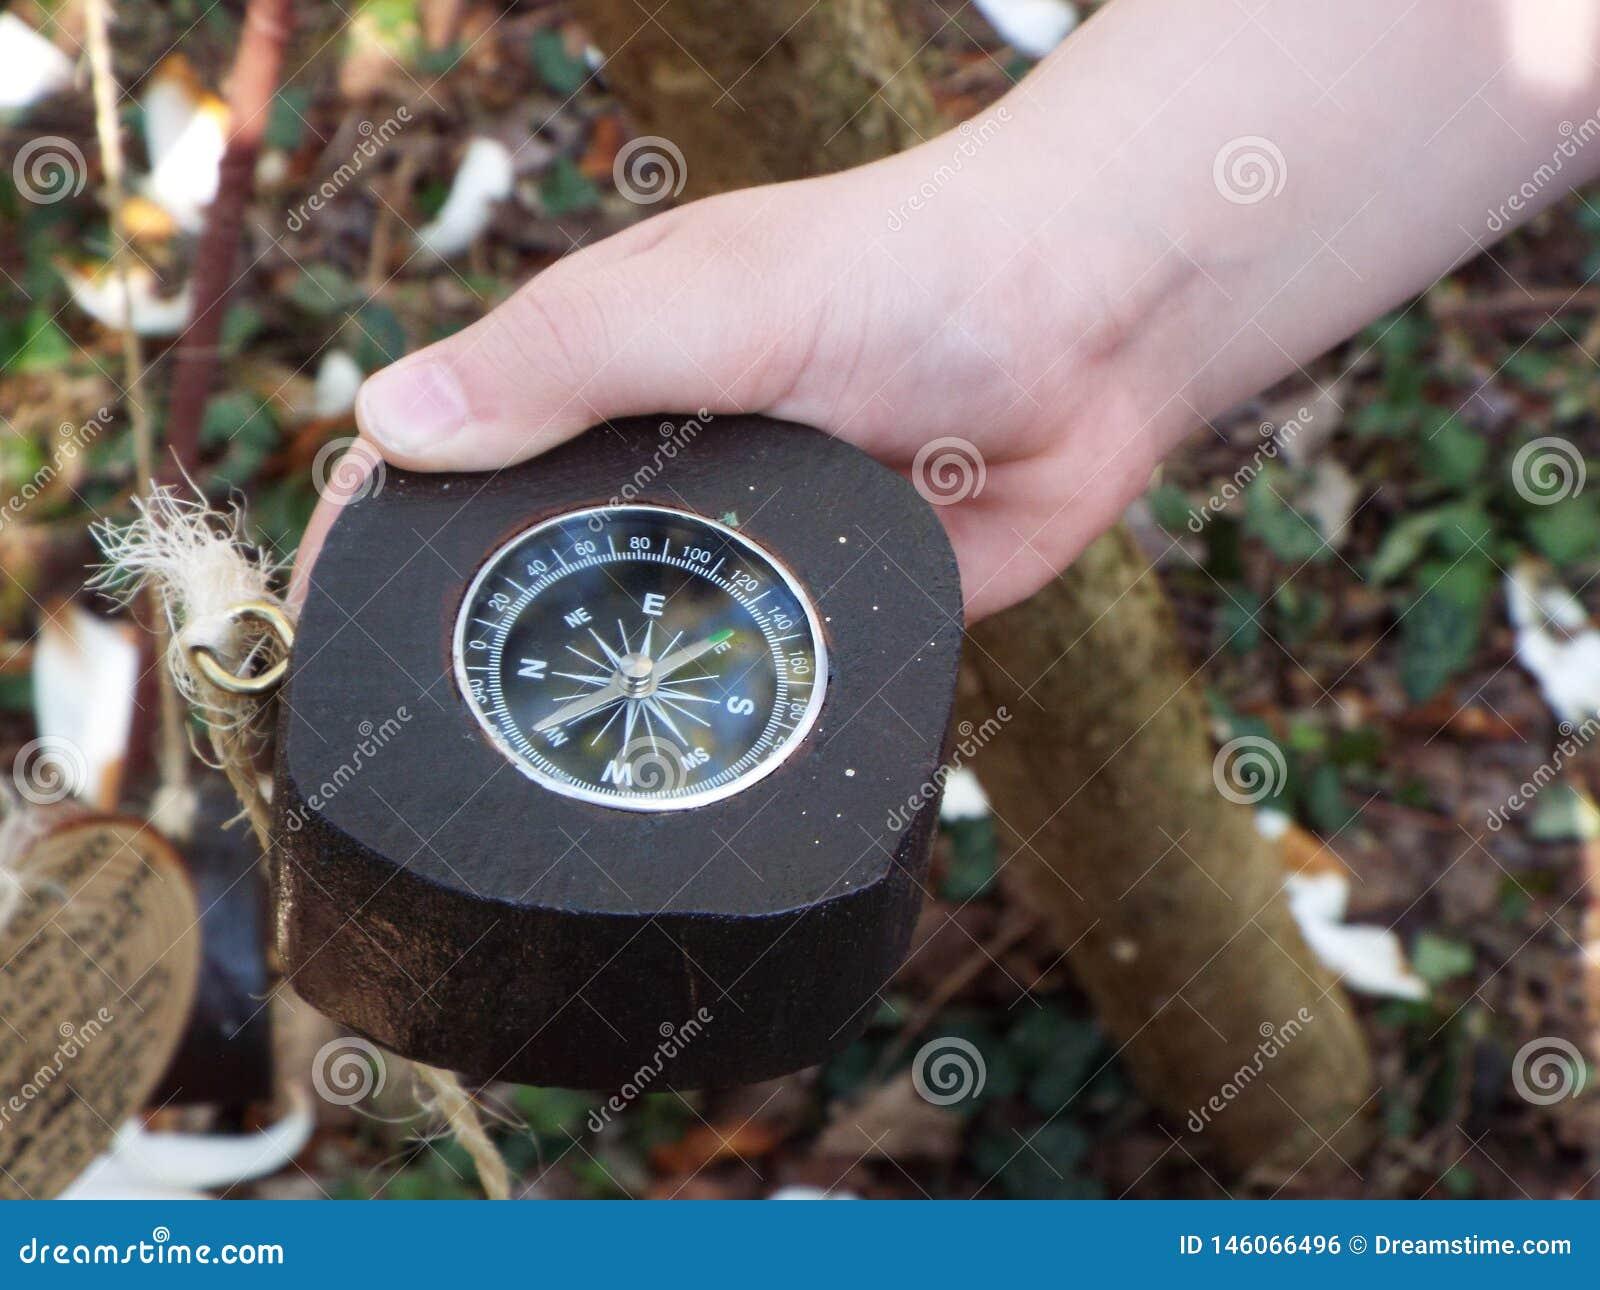 Nawigacyjny kompas trzymaj?cy w r?ce